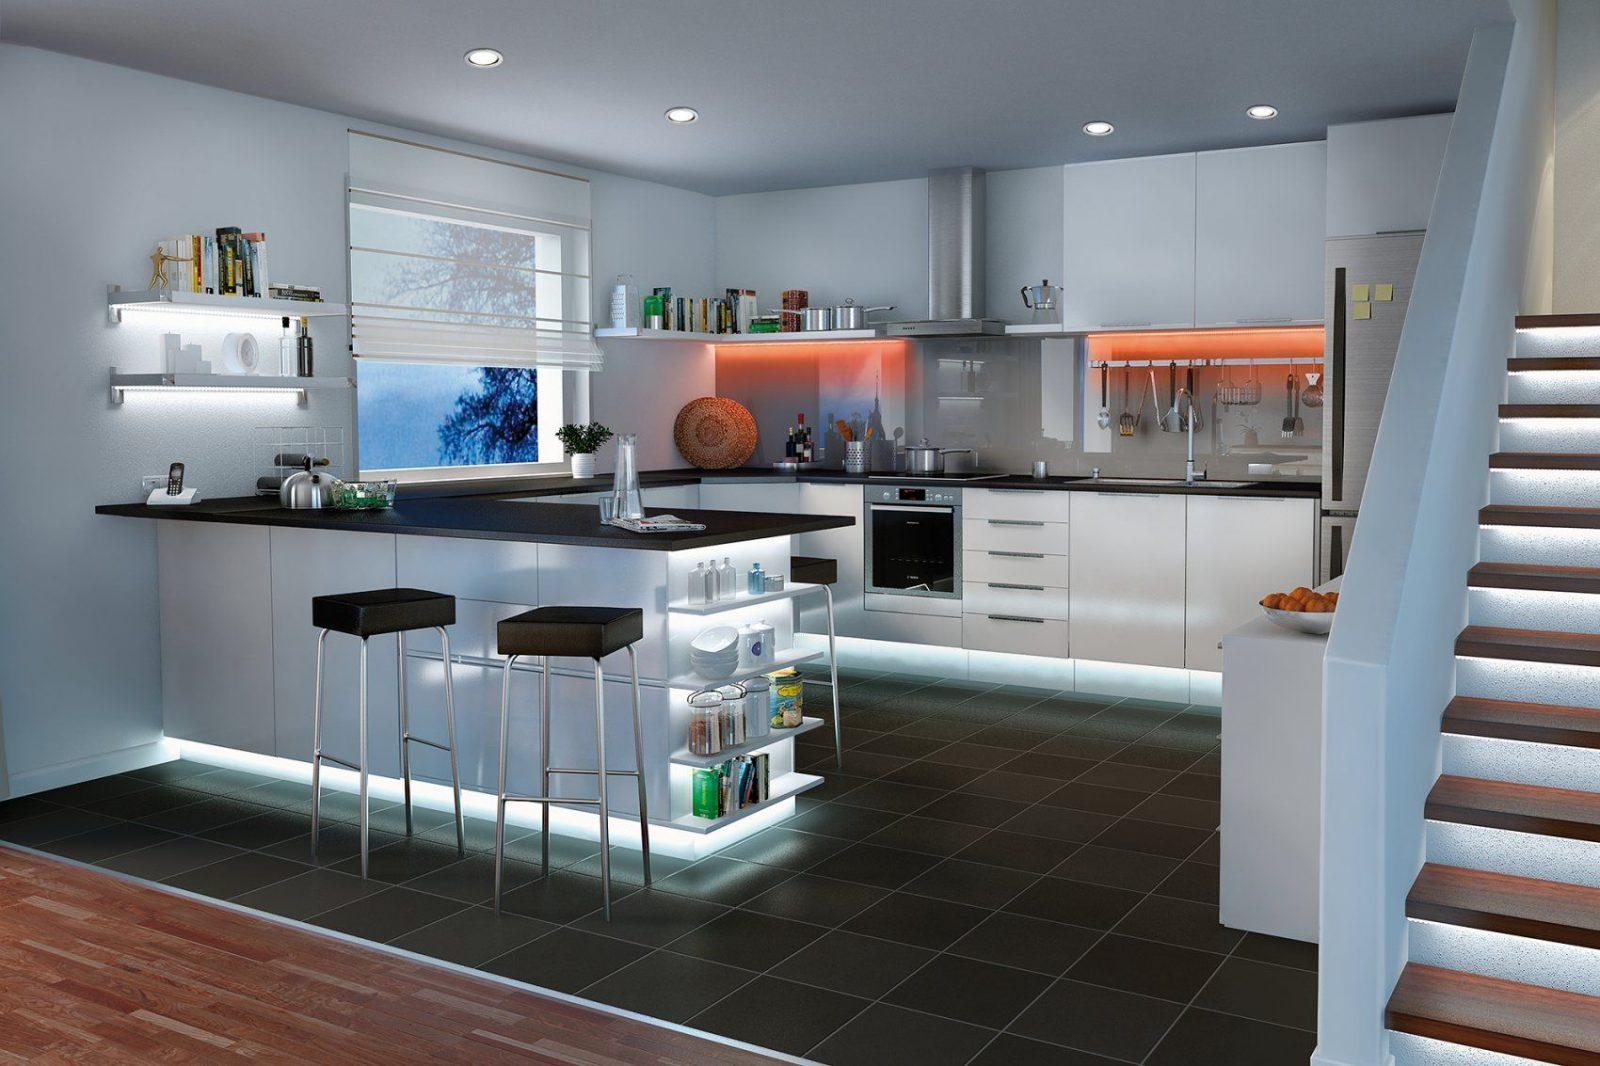 Küchenbeleuchtung  Funktional Und Stimmungsvoll  Paulmann Licht von Beleuchtung Küche Ohne Oberschränke Photo